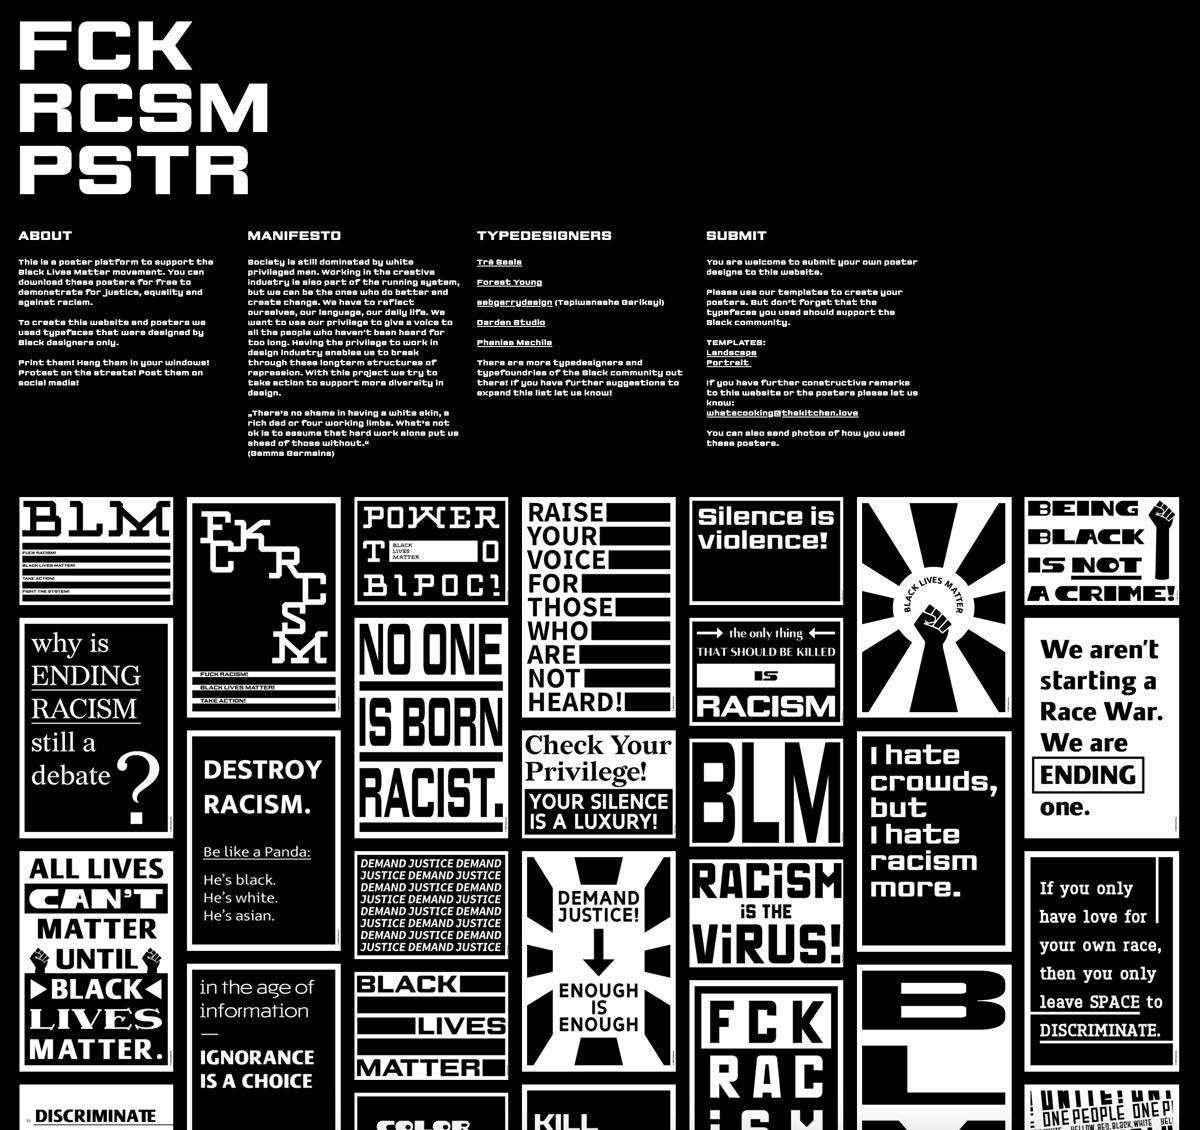 FCK RCSM PSTR_UB